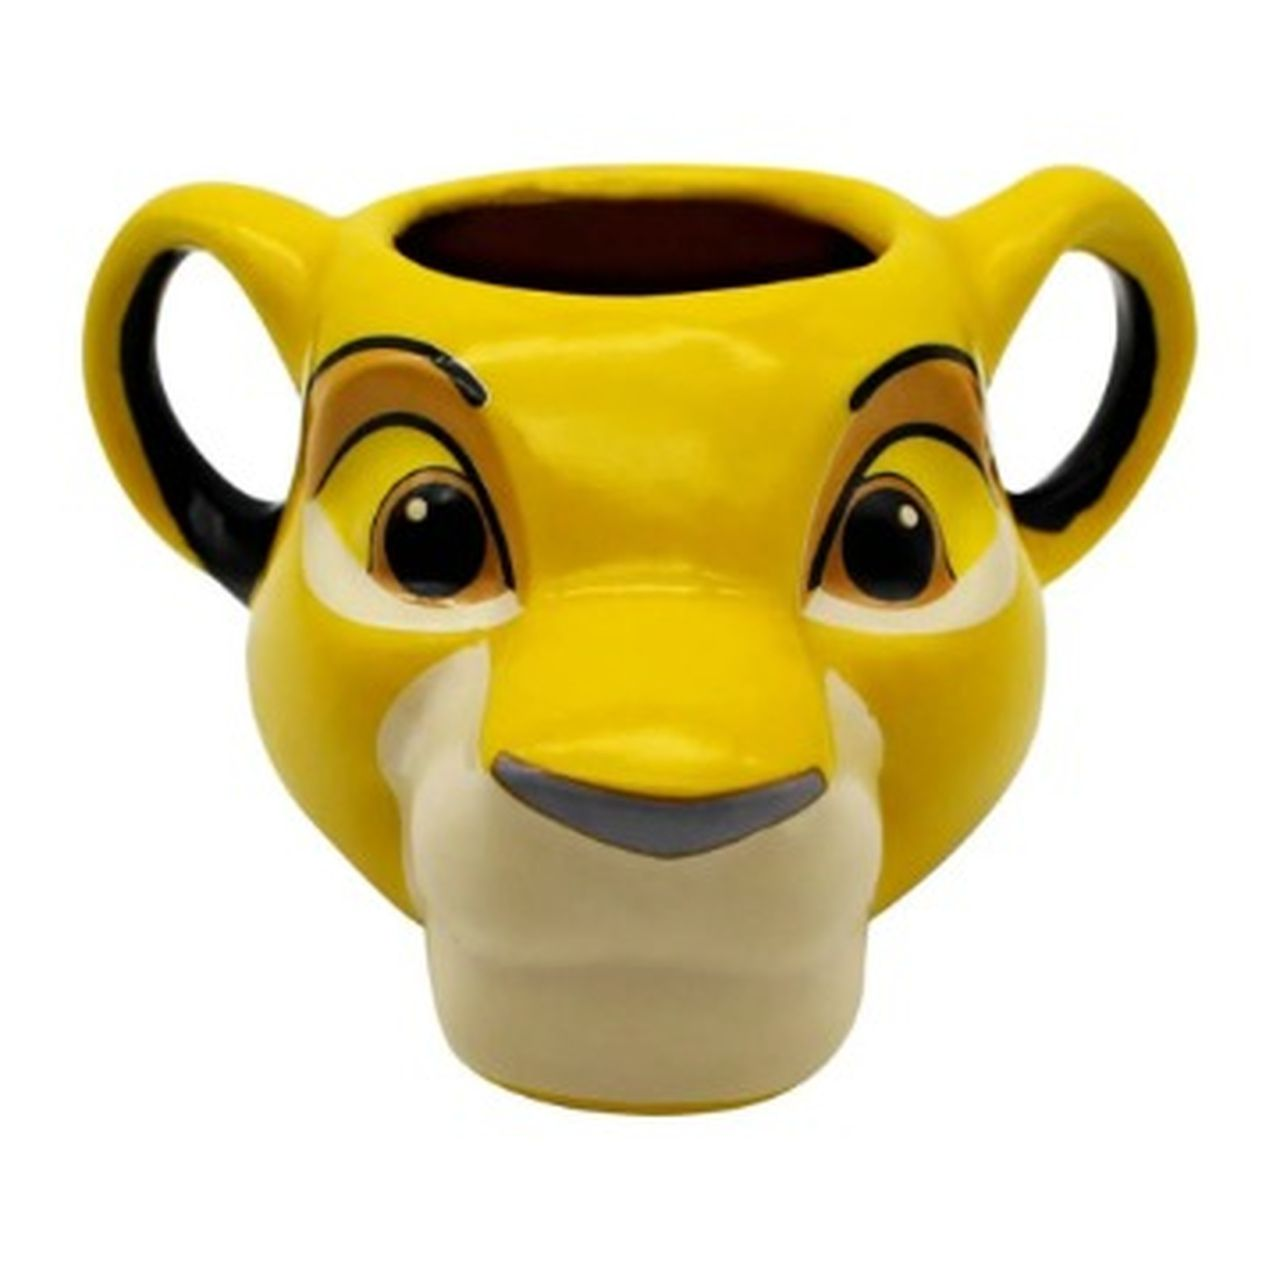 Caneca 3D Simba: O Rei Leão (The Lion King) - (350ML)